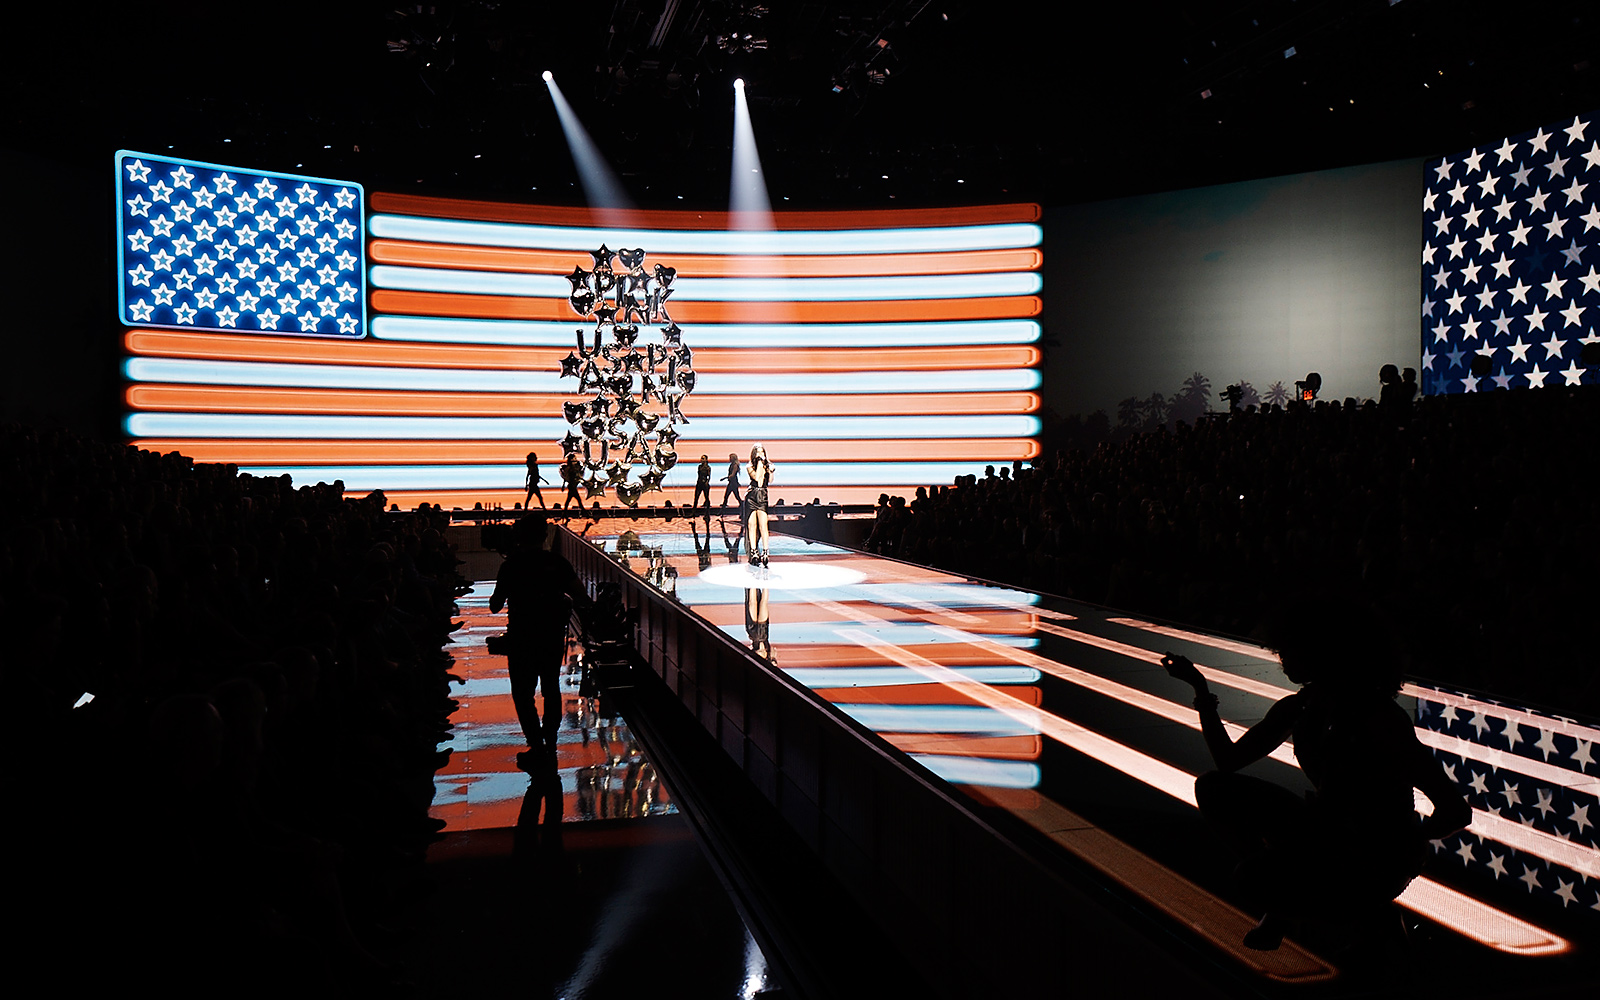 Victoria's Secret Fashion Show 2015 Production design